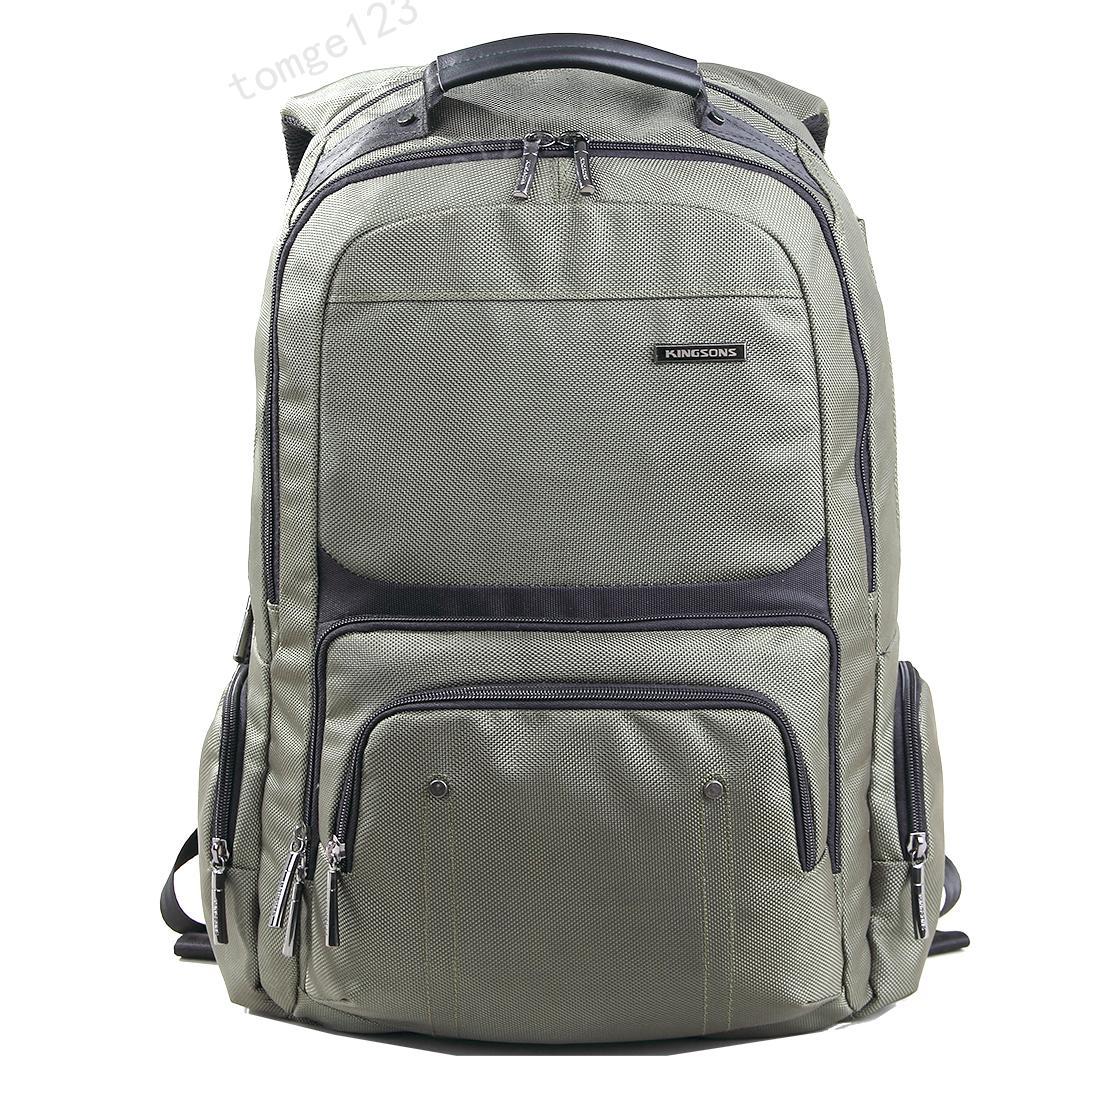 """New KINGSONS KS3049W Backpack Shoulder Bag For 15.6"""" Laptop Notebook Tablet Computer Business Travel Shockproof Waterproof(China (Mainland))"""